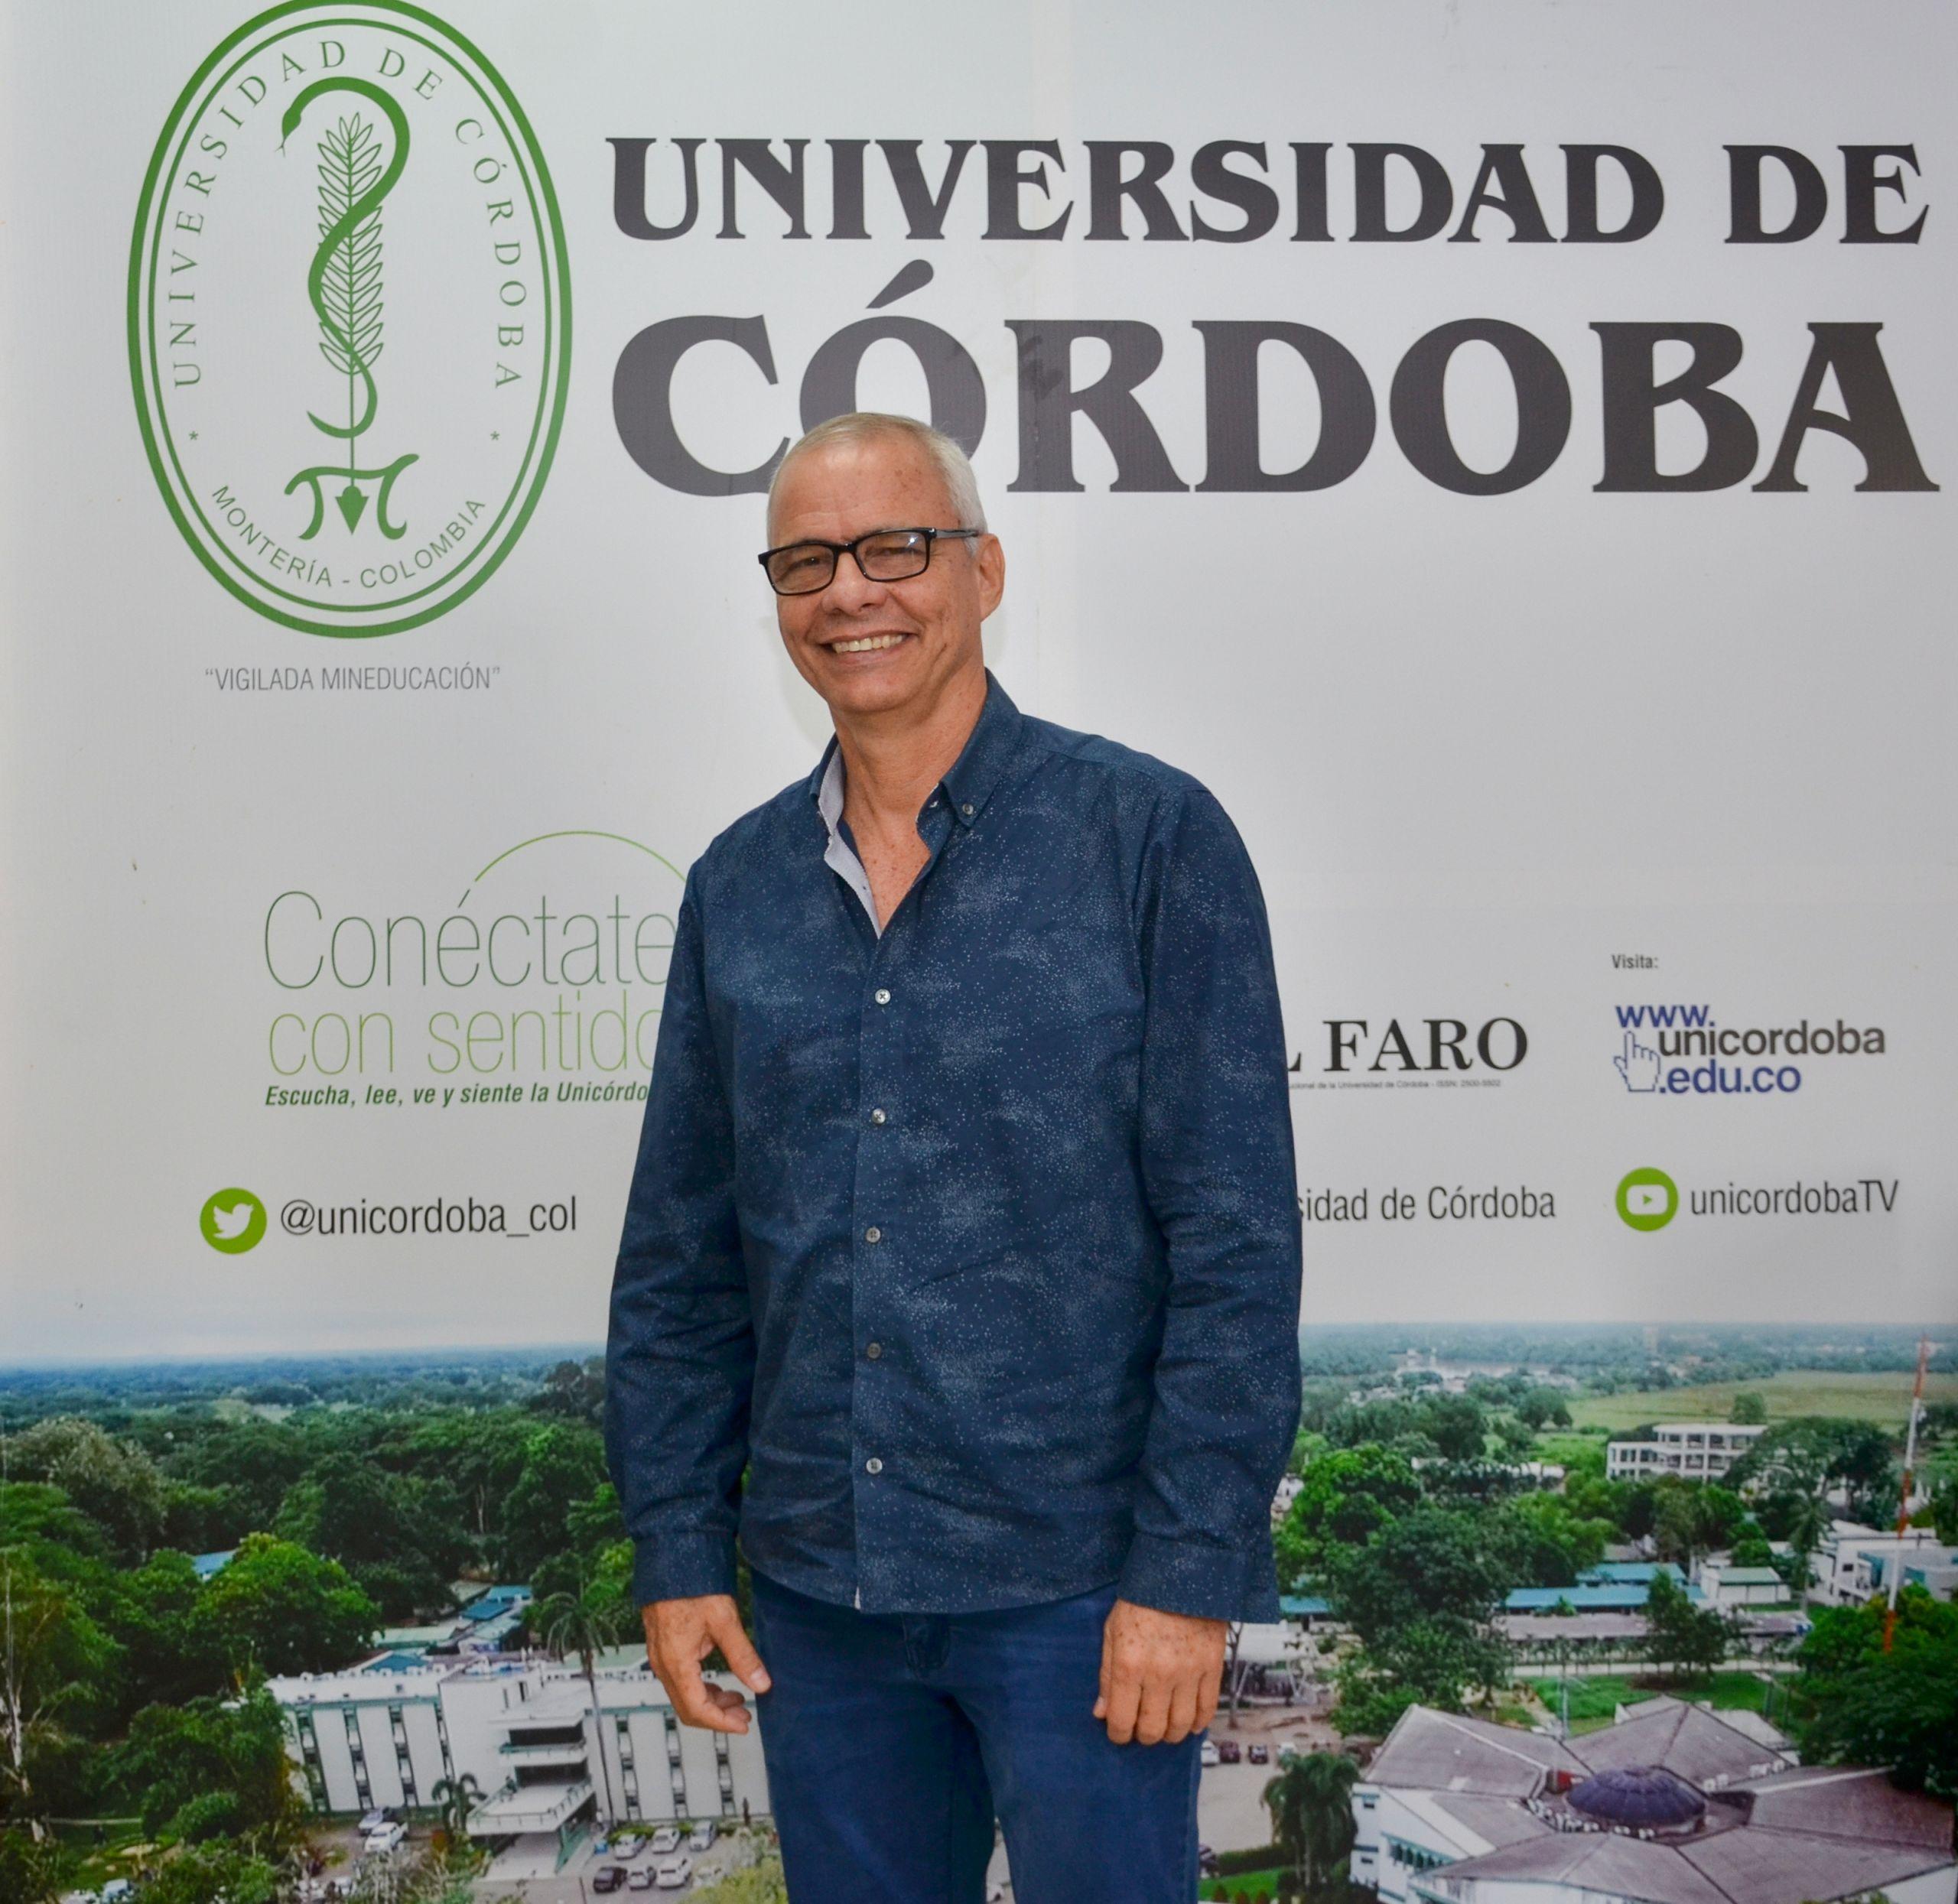 Profesor Nicolás De La Espriella Vélez, quien acaba de recibir un reconocimiento mundial por sus aportes a la física.